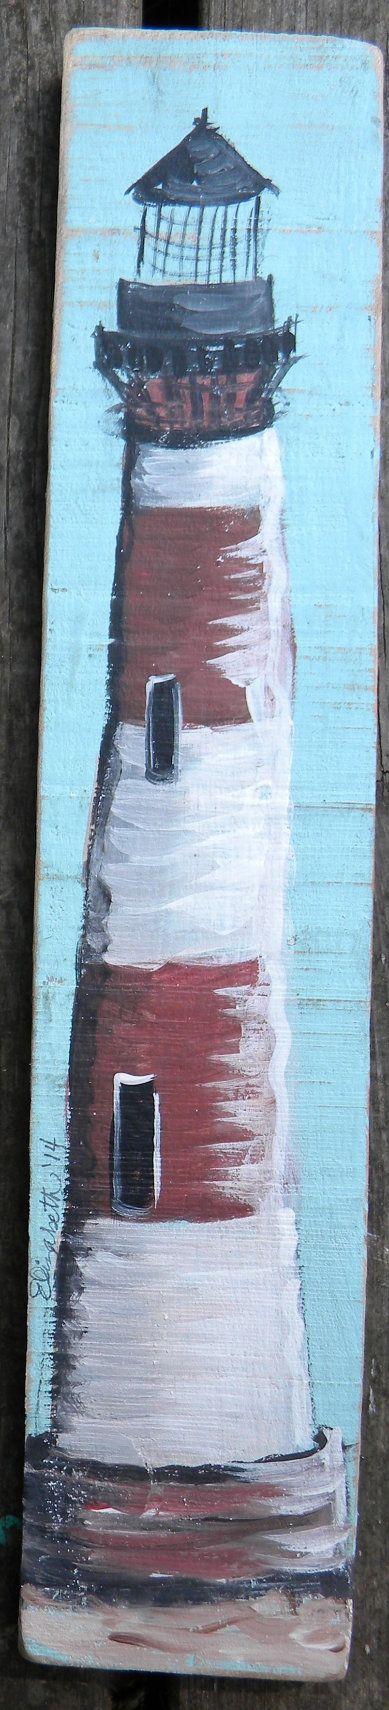 Vieja madera de la plataforma y granero se han convertido en la lona aquí! Una variedad de imágenes de la vida de mar están disponibles en estas superficies re-purposed. Los tamaños varían. Aprox. 14 x 3. Morris la isla faro de Folly Beach, SC